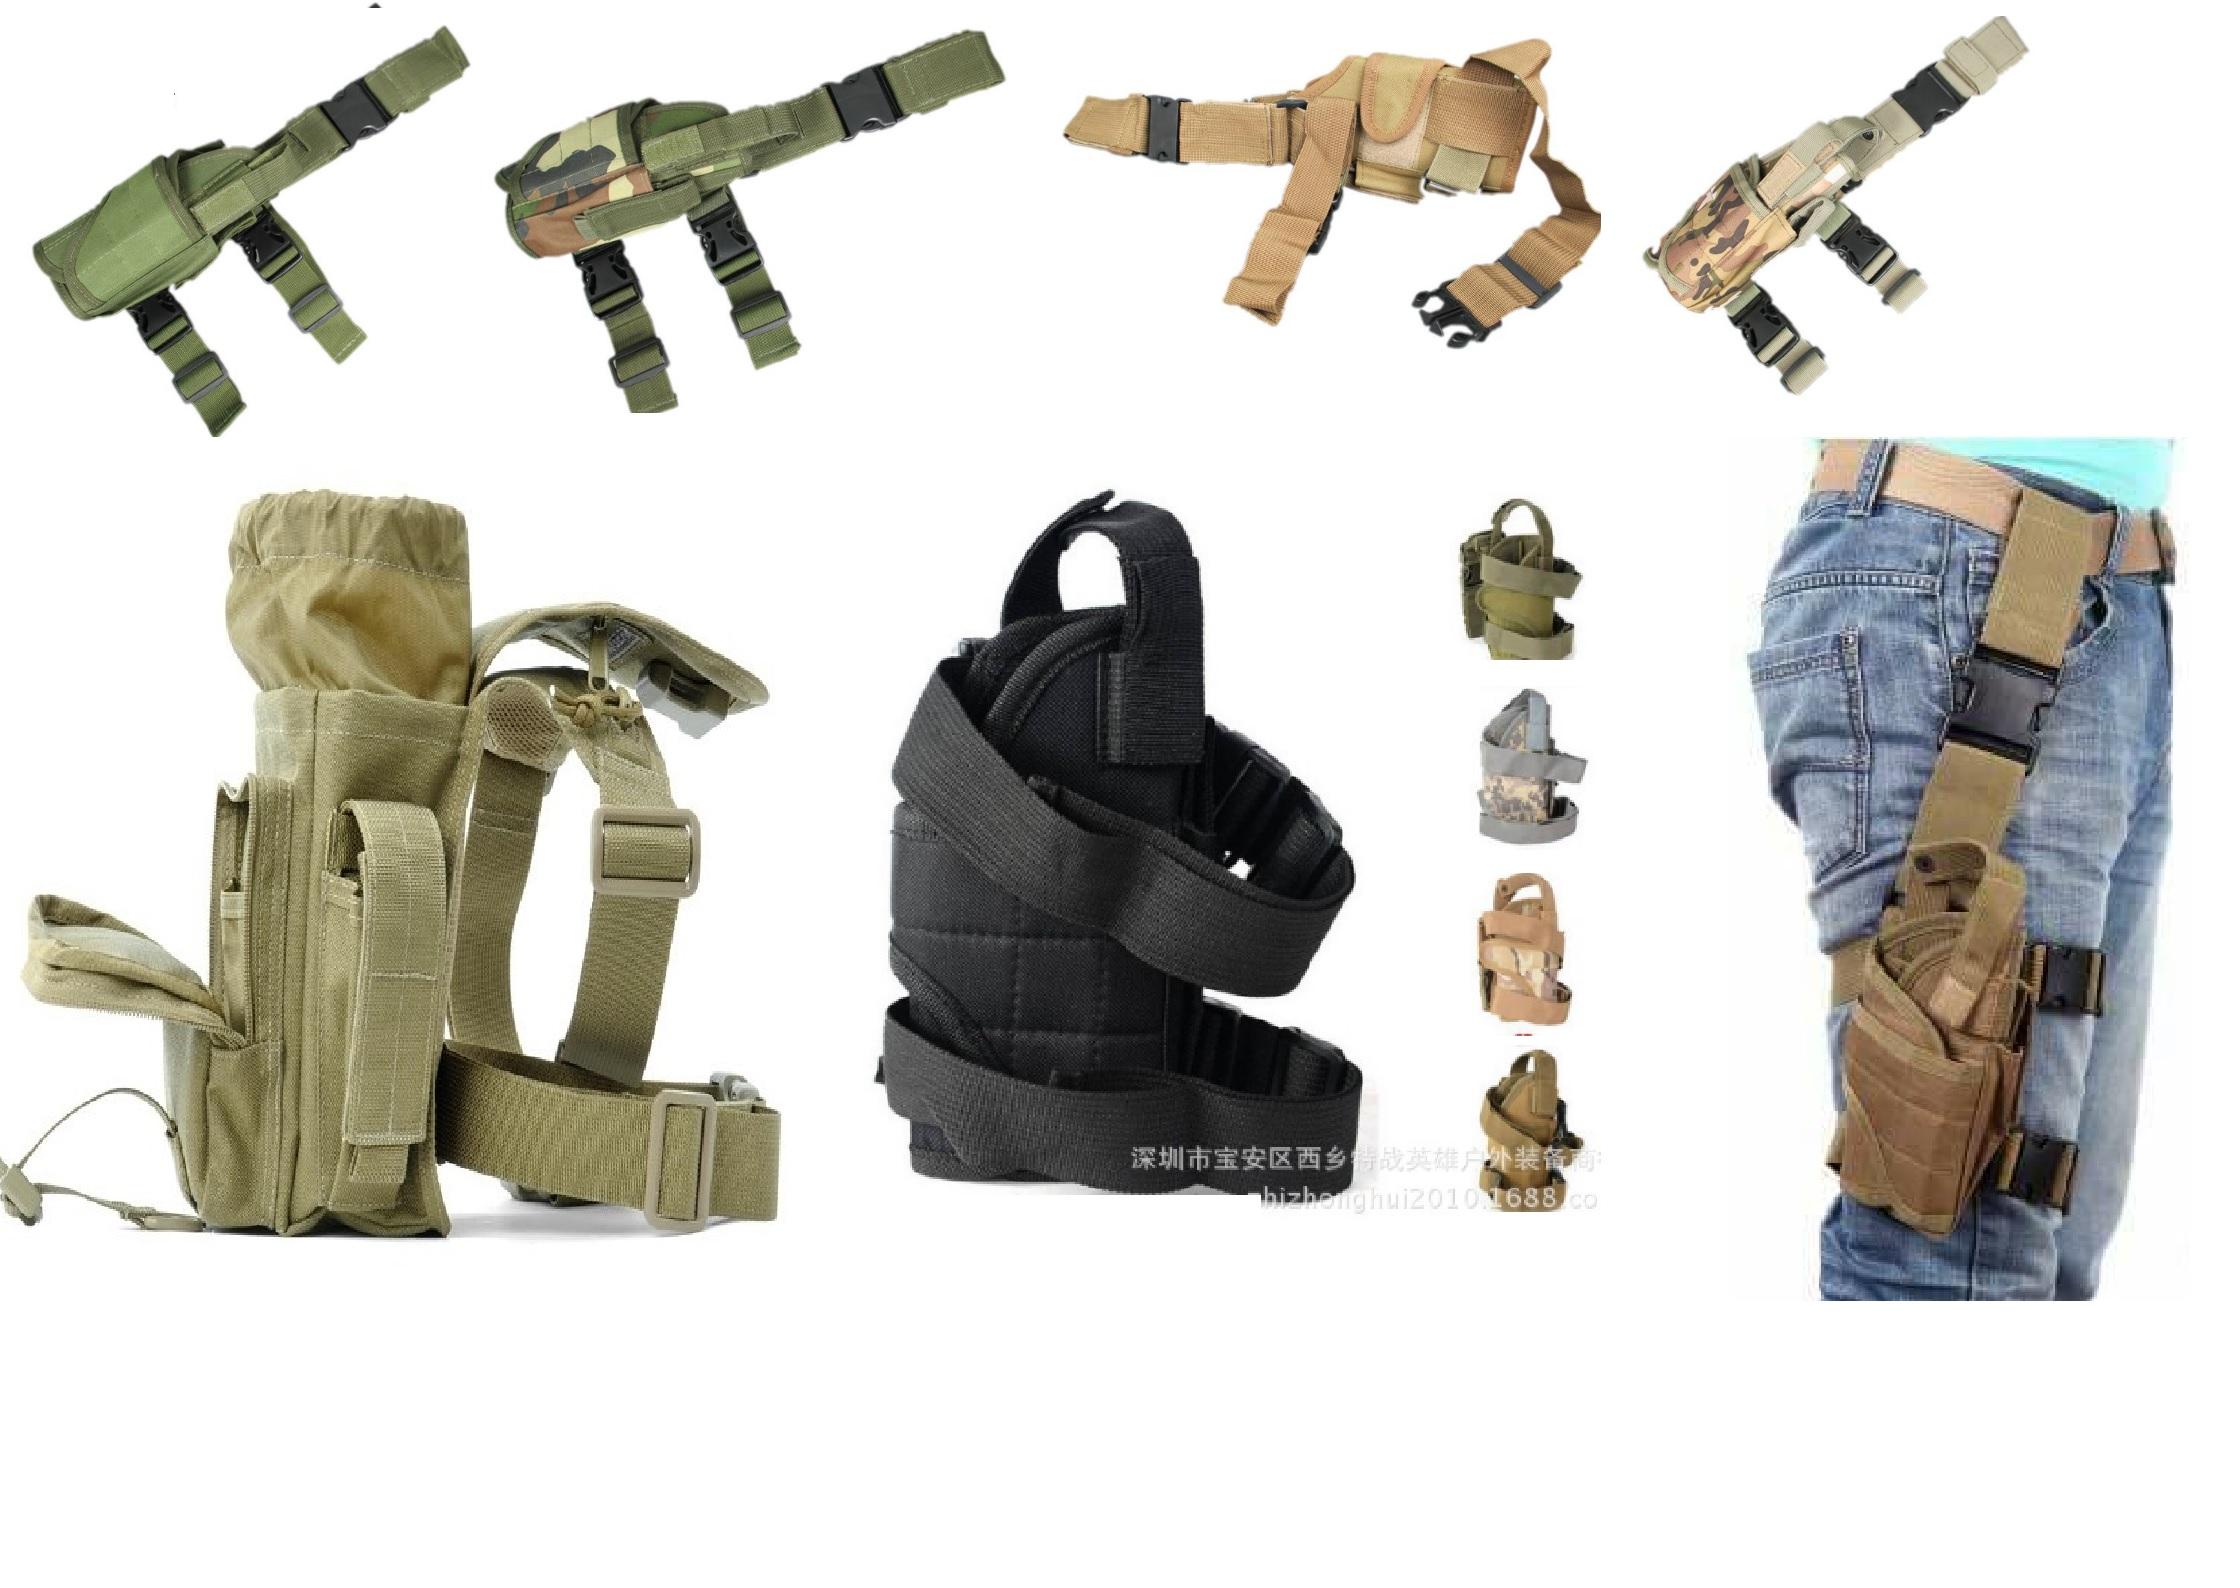 Thuê túi đeo chéo/ đeo hông các loại